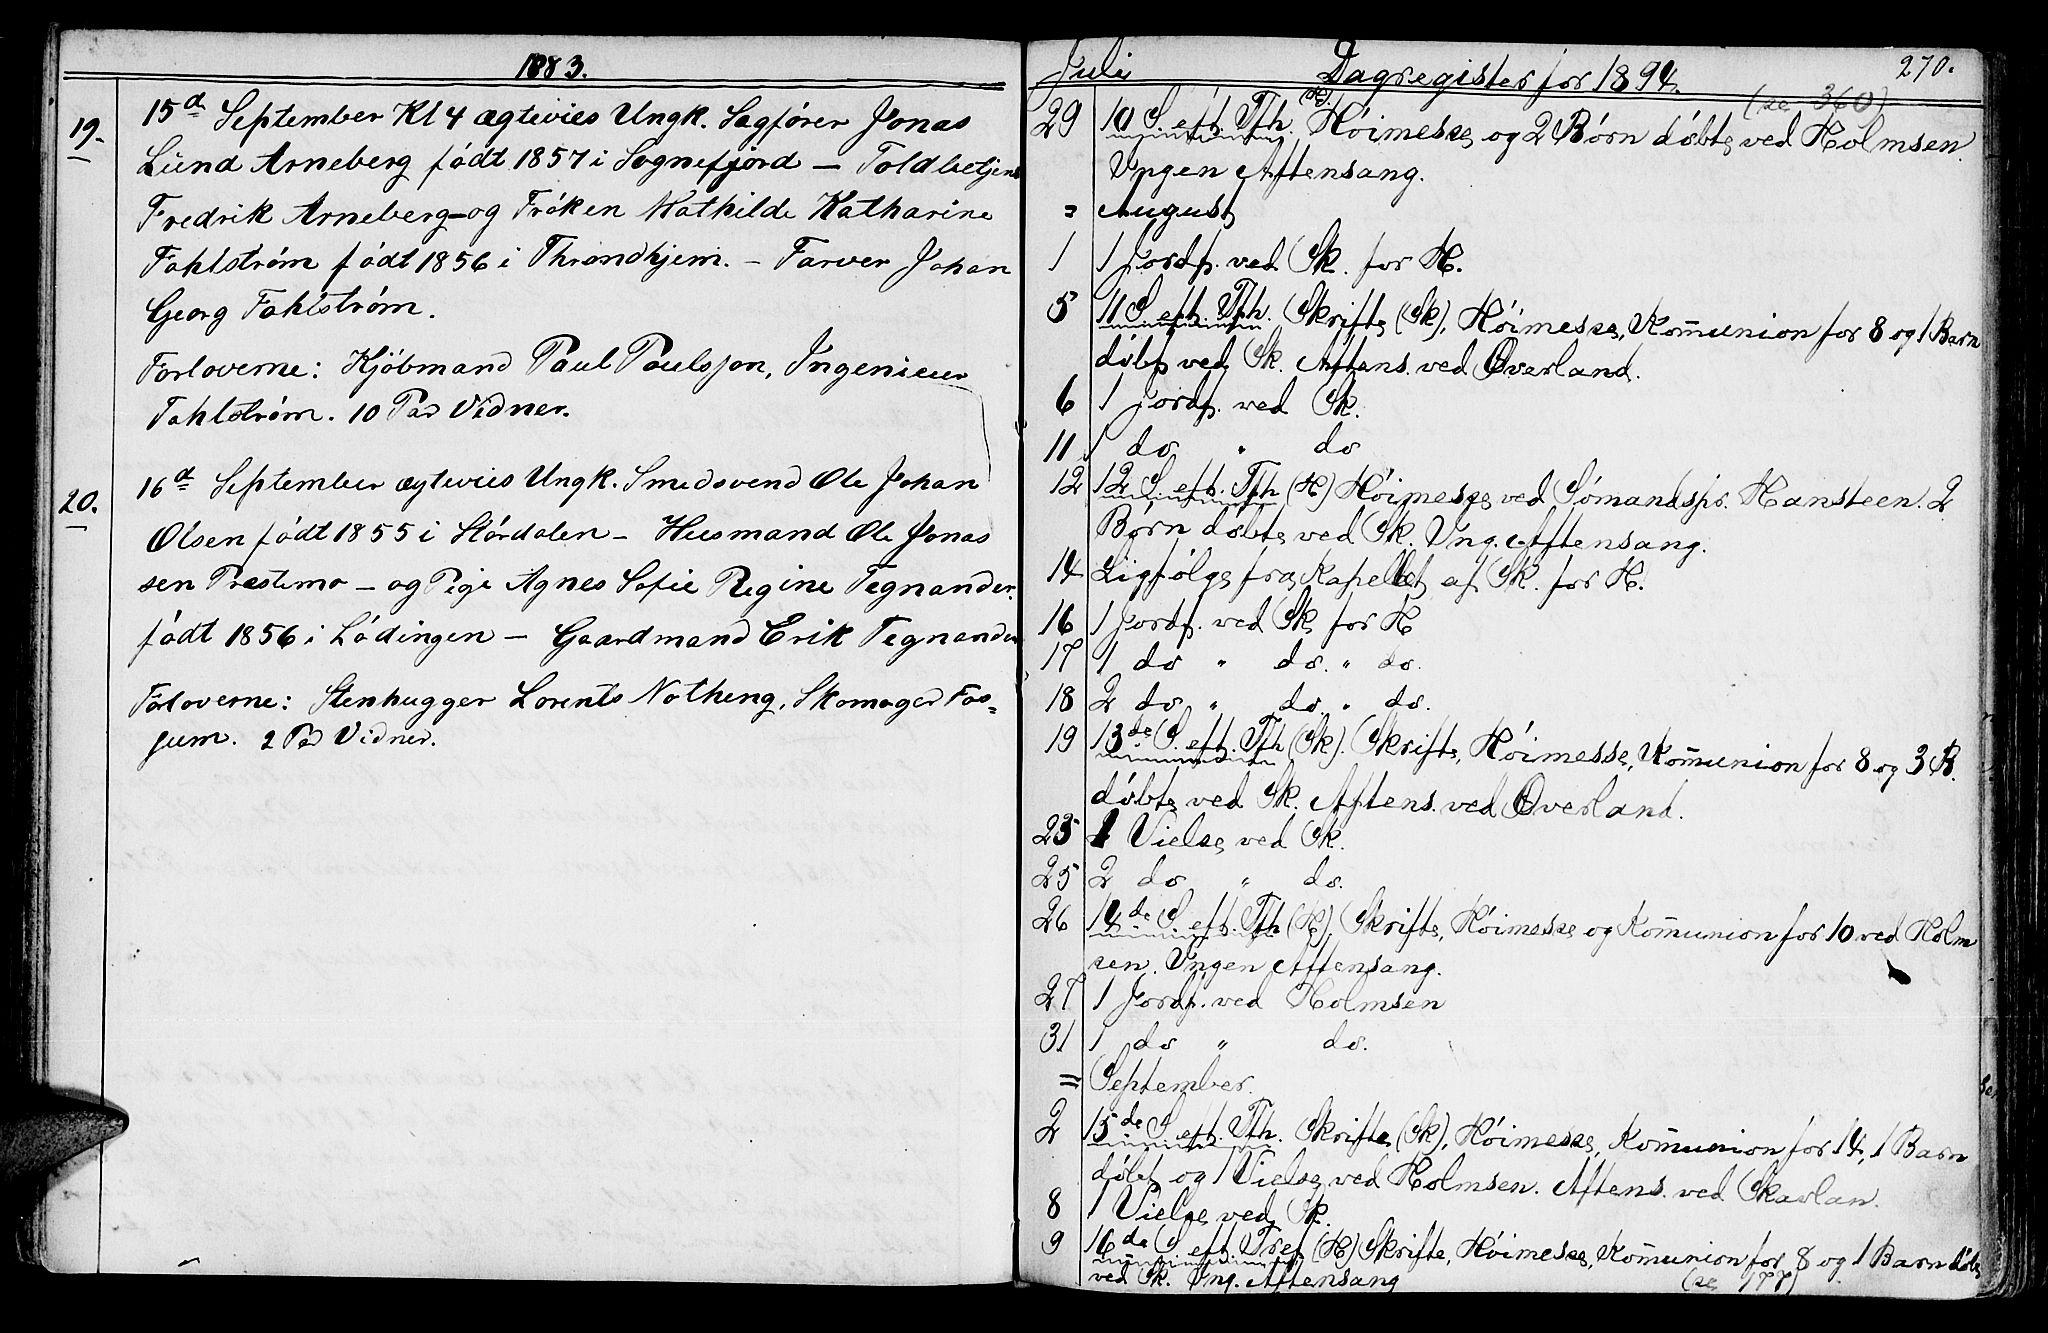 SAT, Ministerialprotokoller, klokkerbøker og fødselsregistre - Sør-Trøndelag, 602/L0142: Klokkerbok nr. 602C10, 1872-1894, s. 270